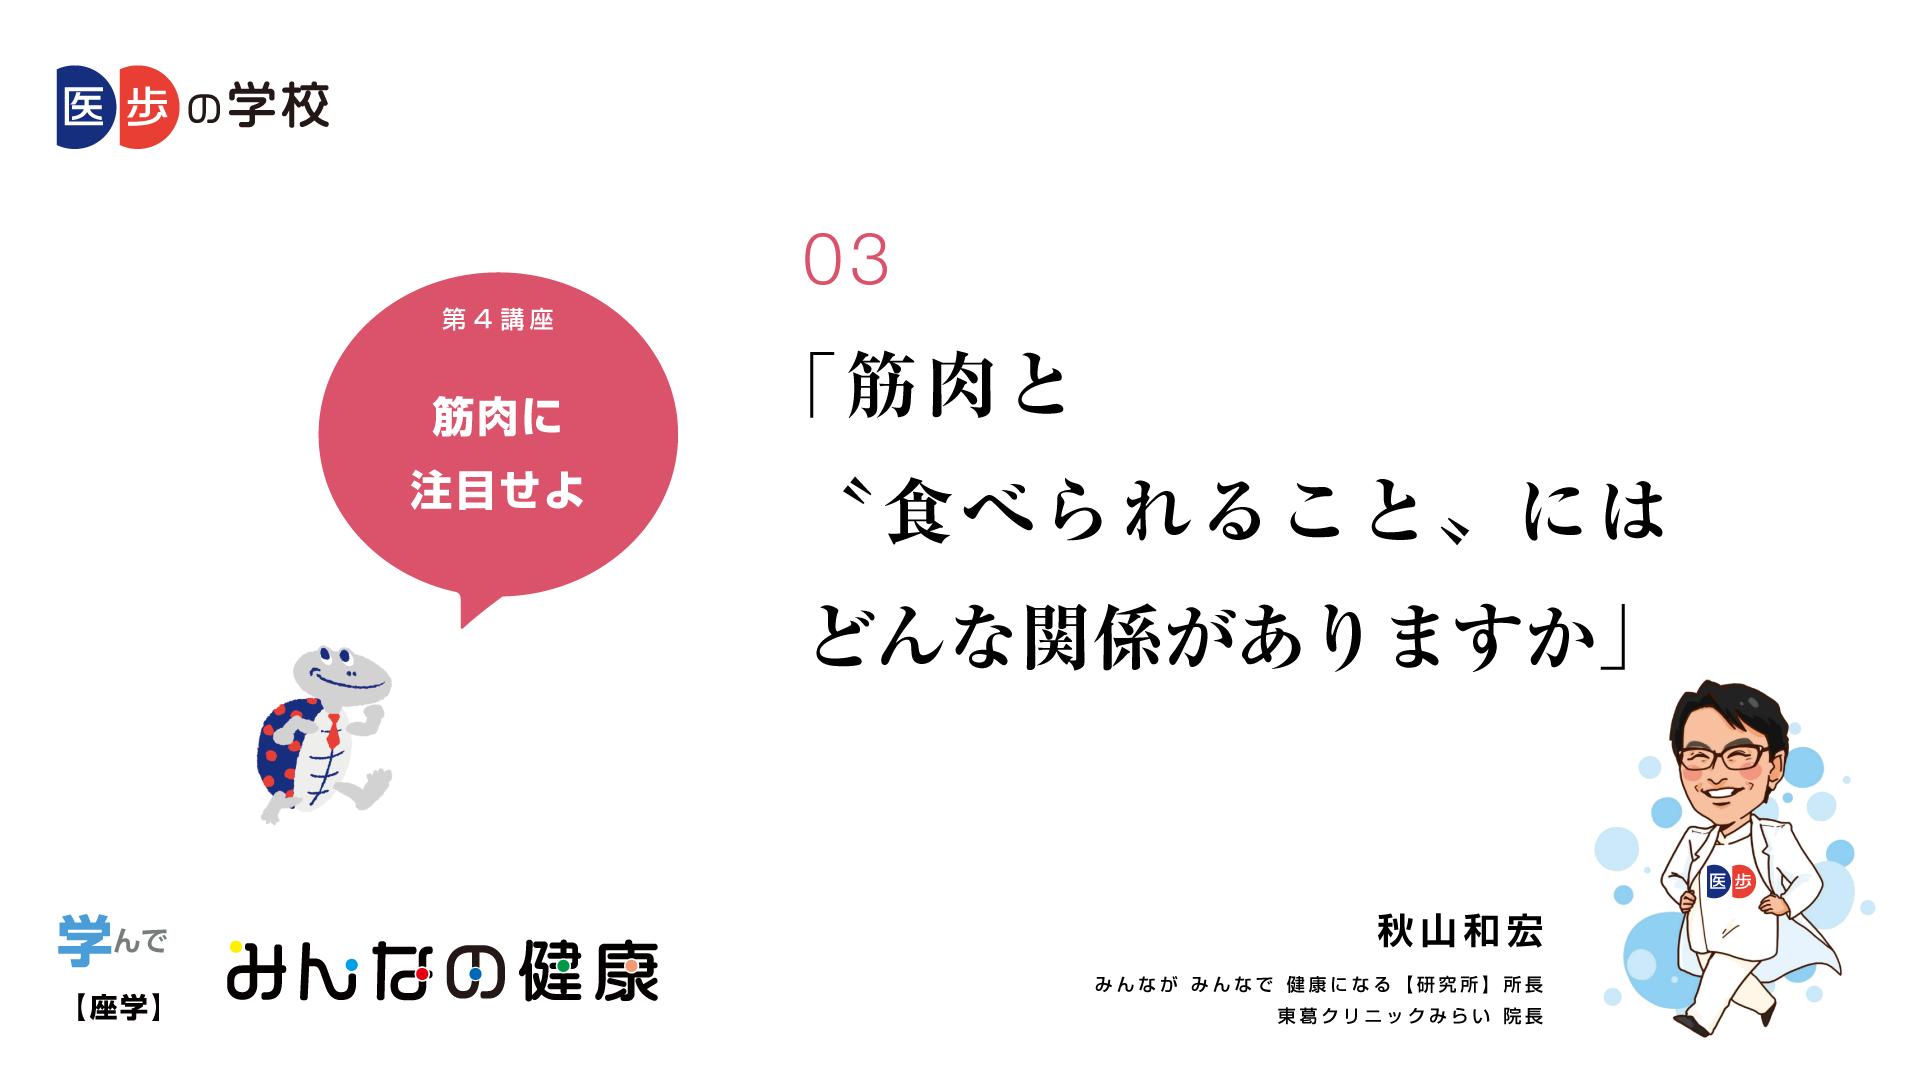 【筋肉に注目せよ】03:筋肉と「食べられること」にはどんな関係がありますか。